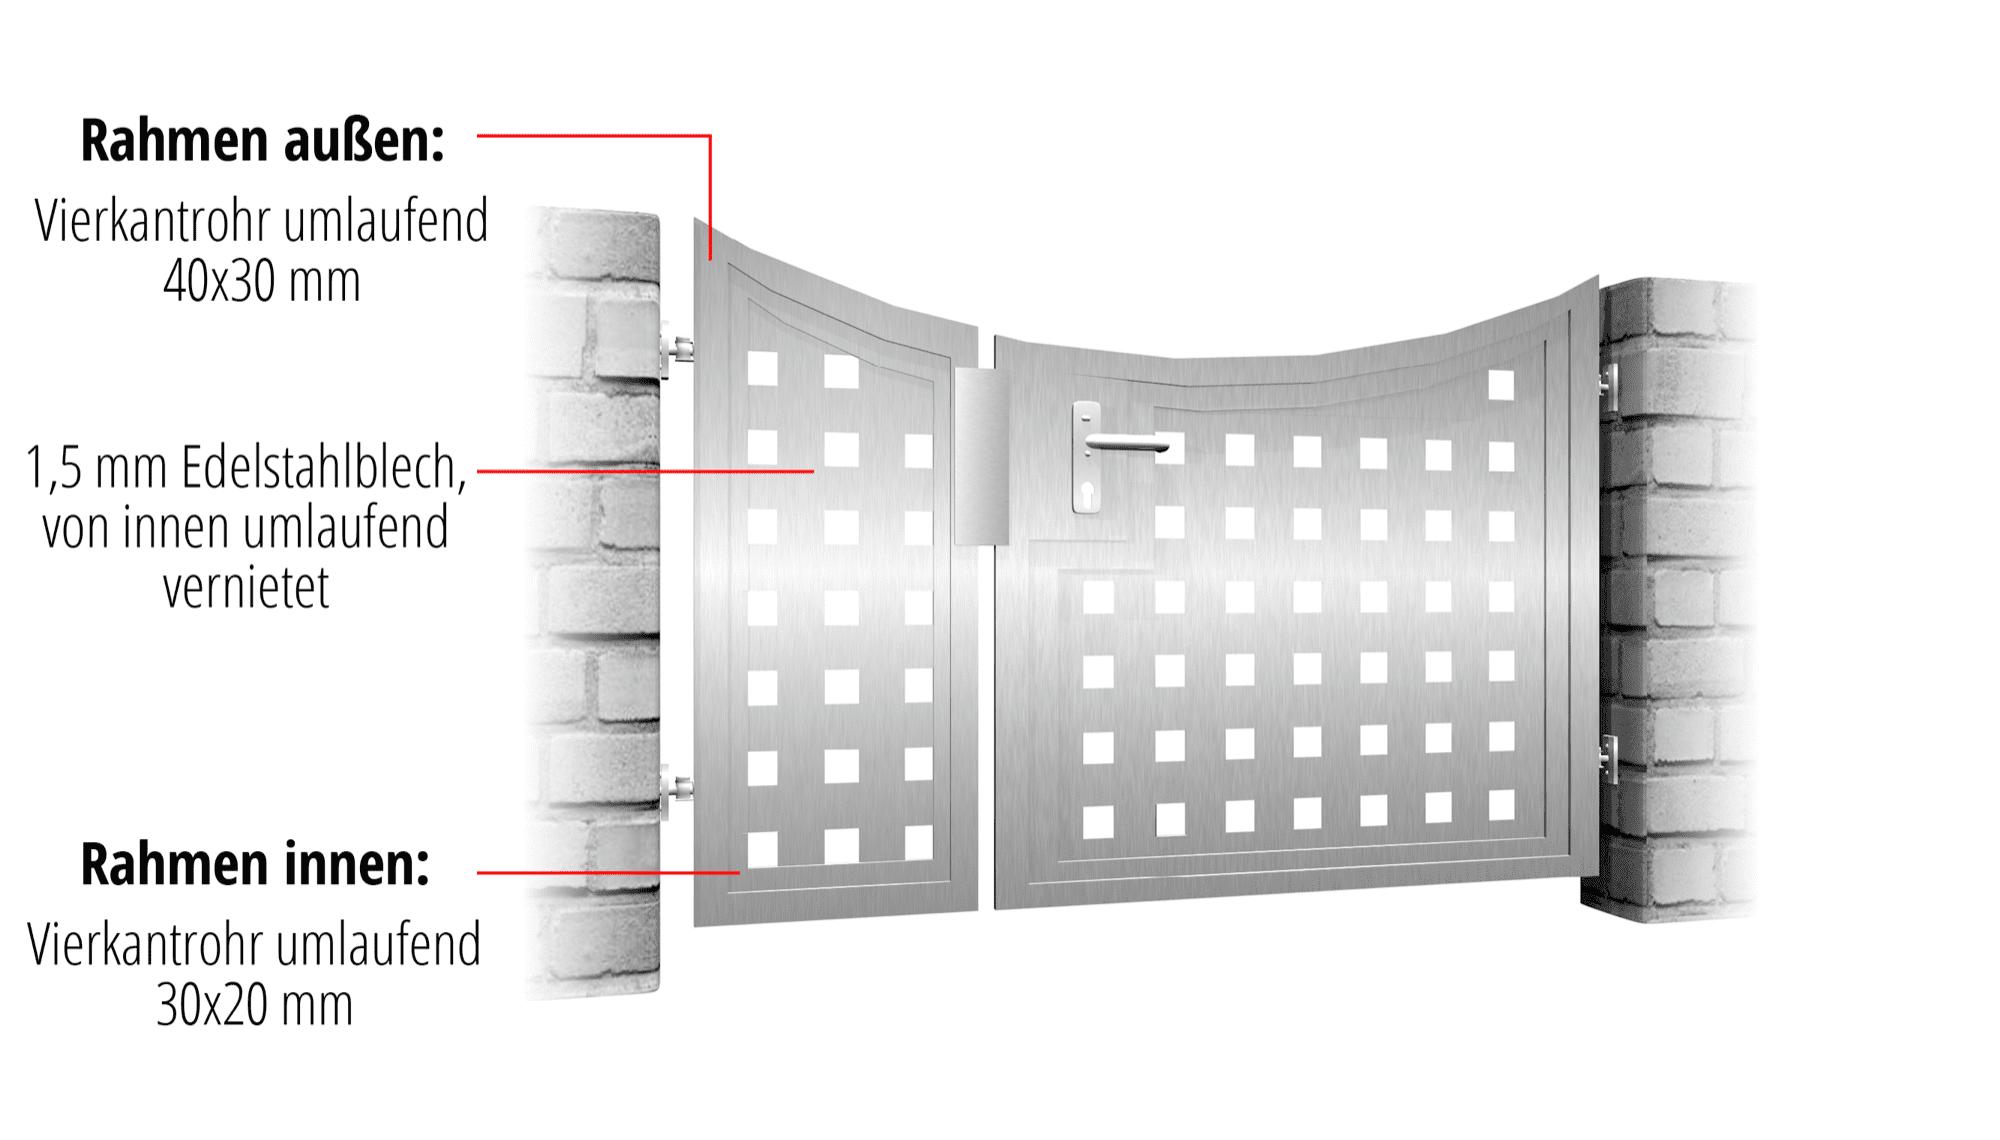 Gartentür Edelstahl 2-flügelig Sichtschutz QL, UB